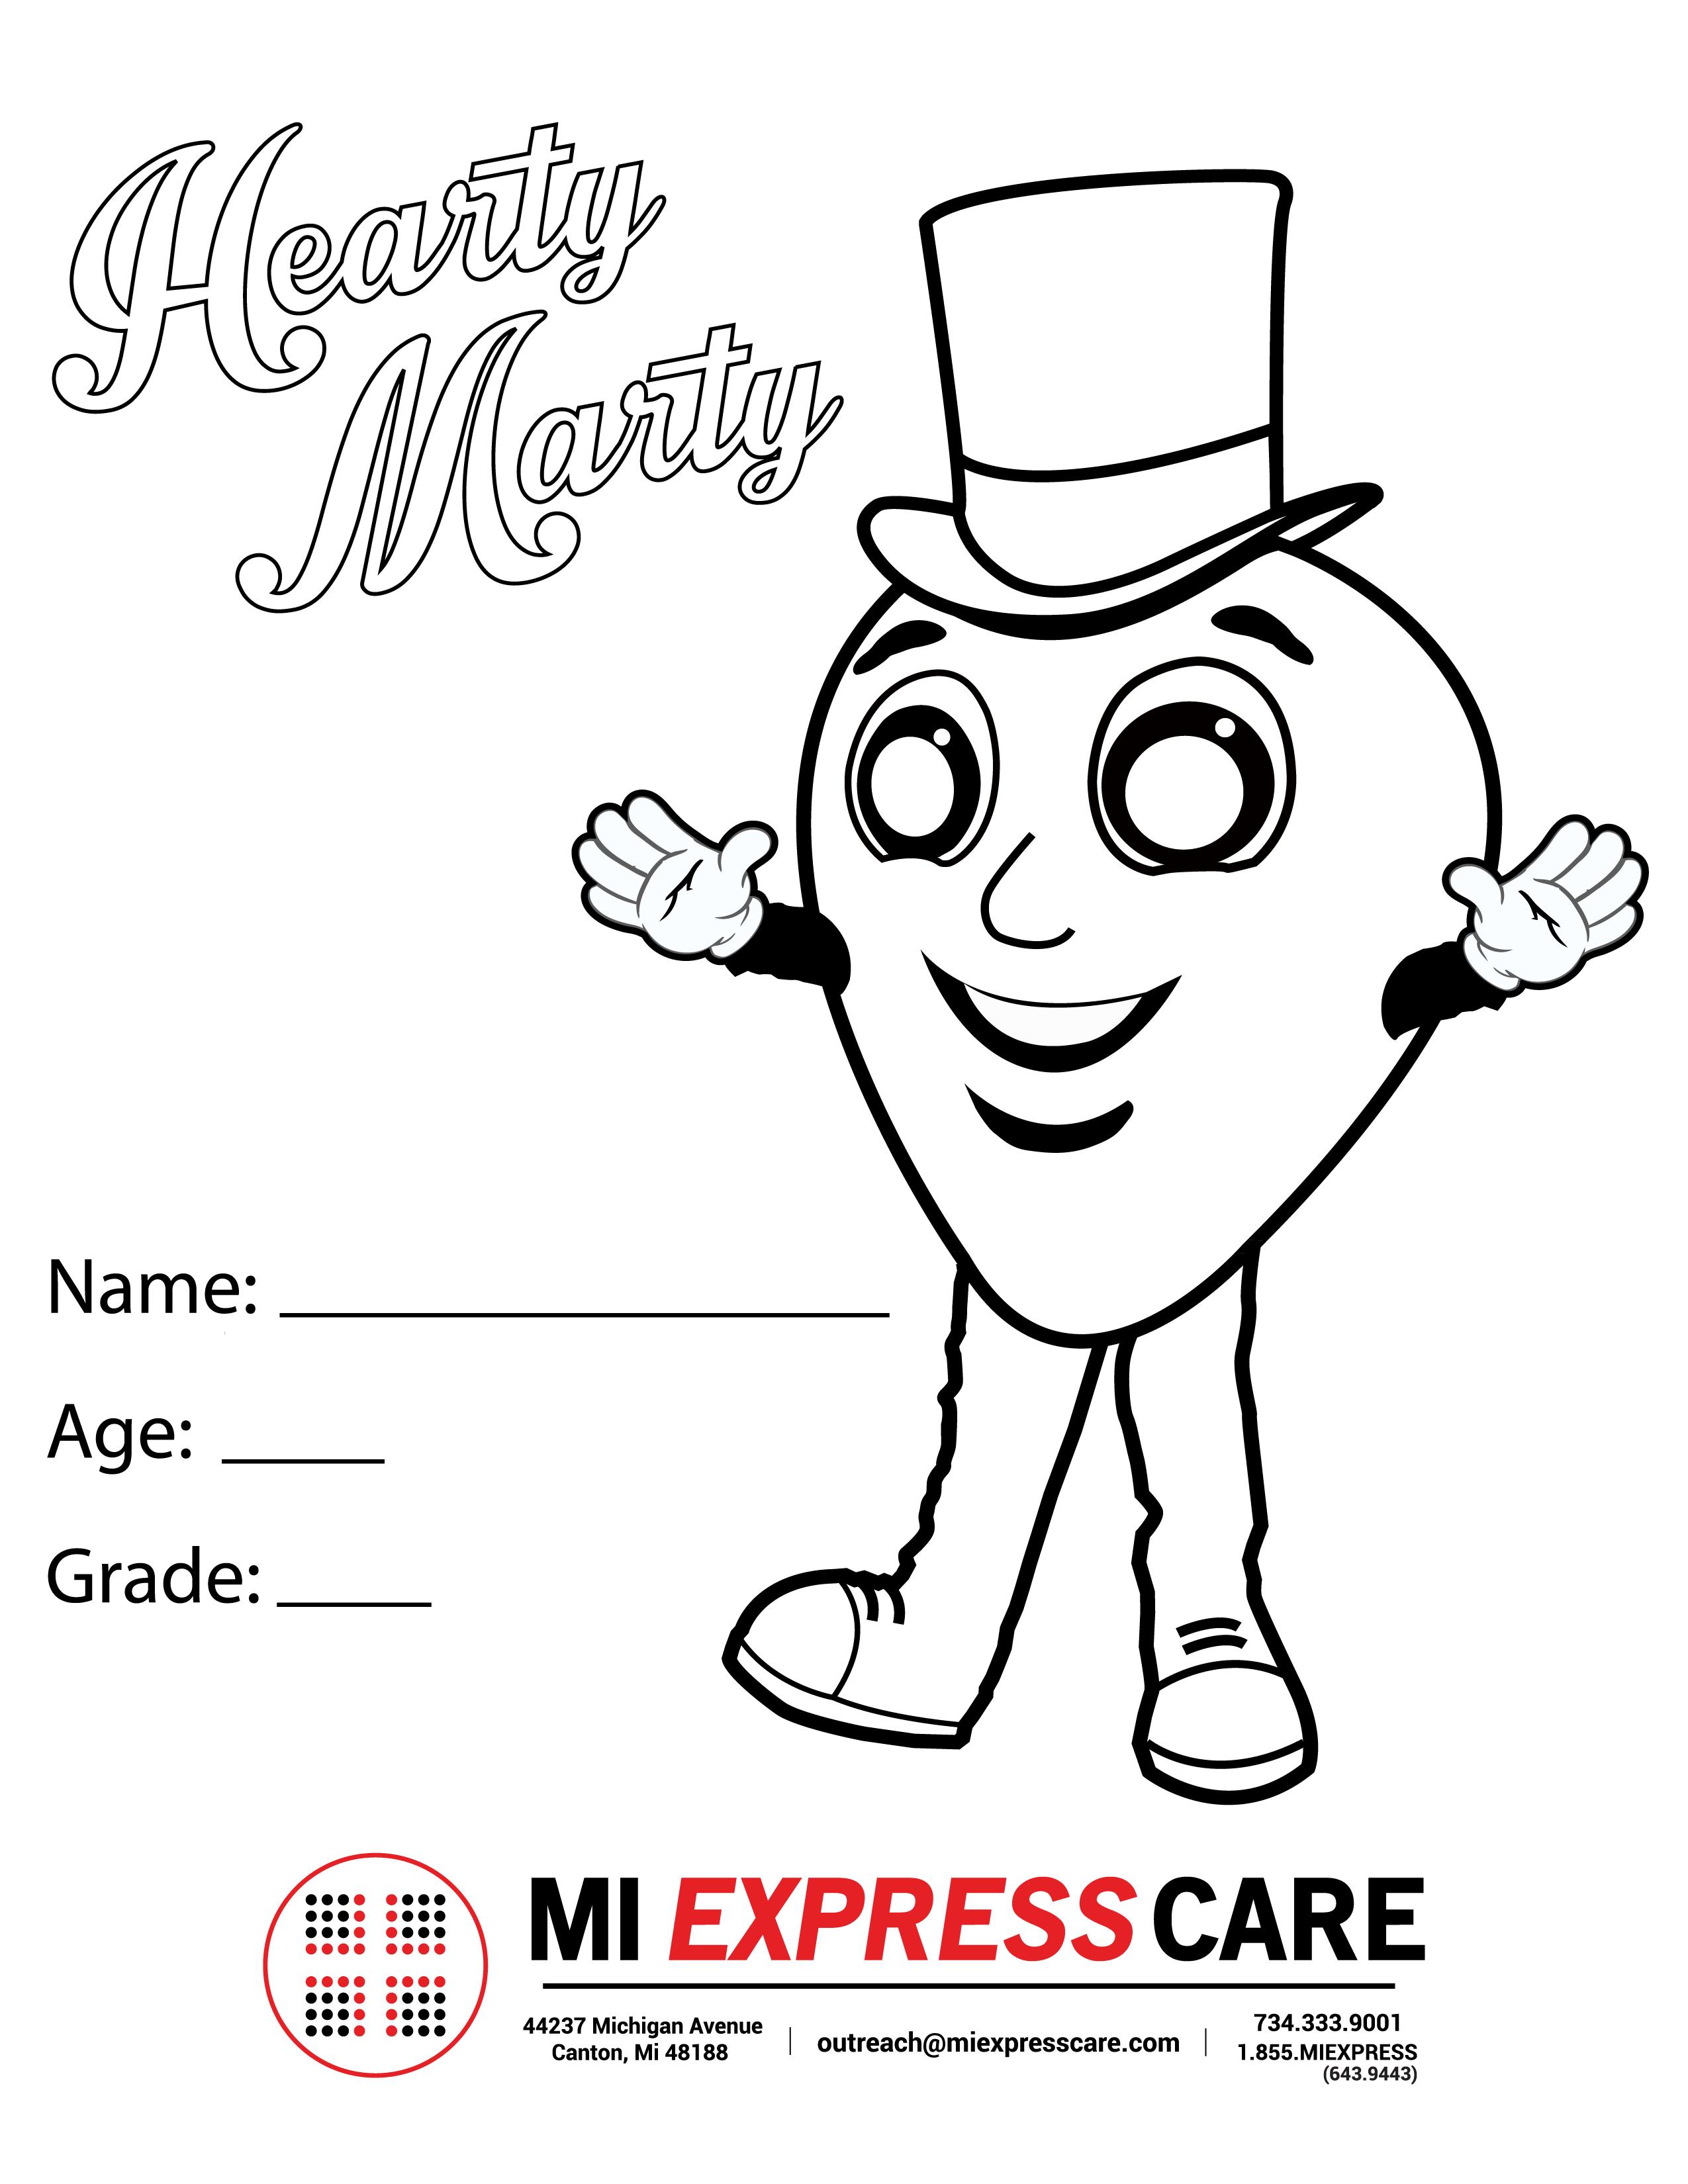 MI Express Care Urgent Care image 19